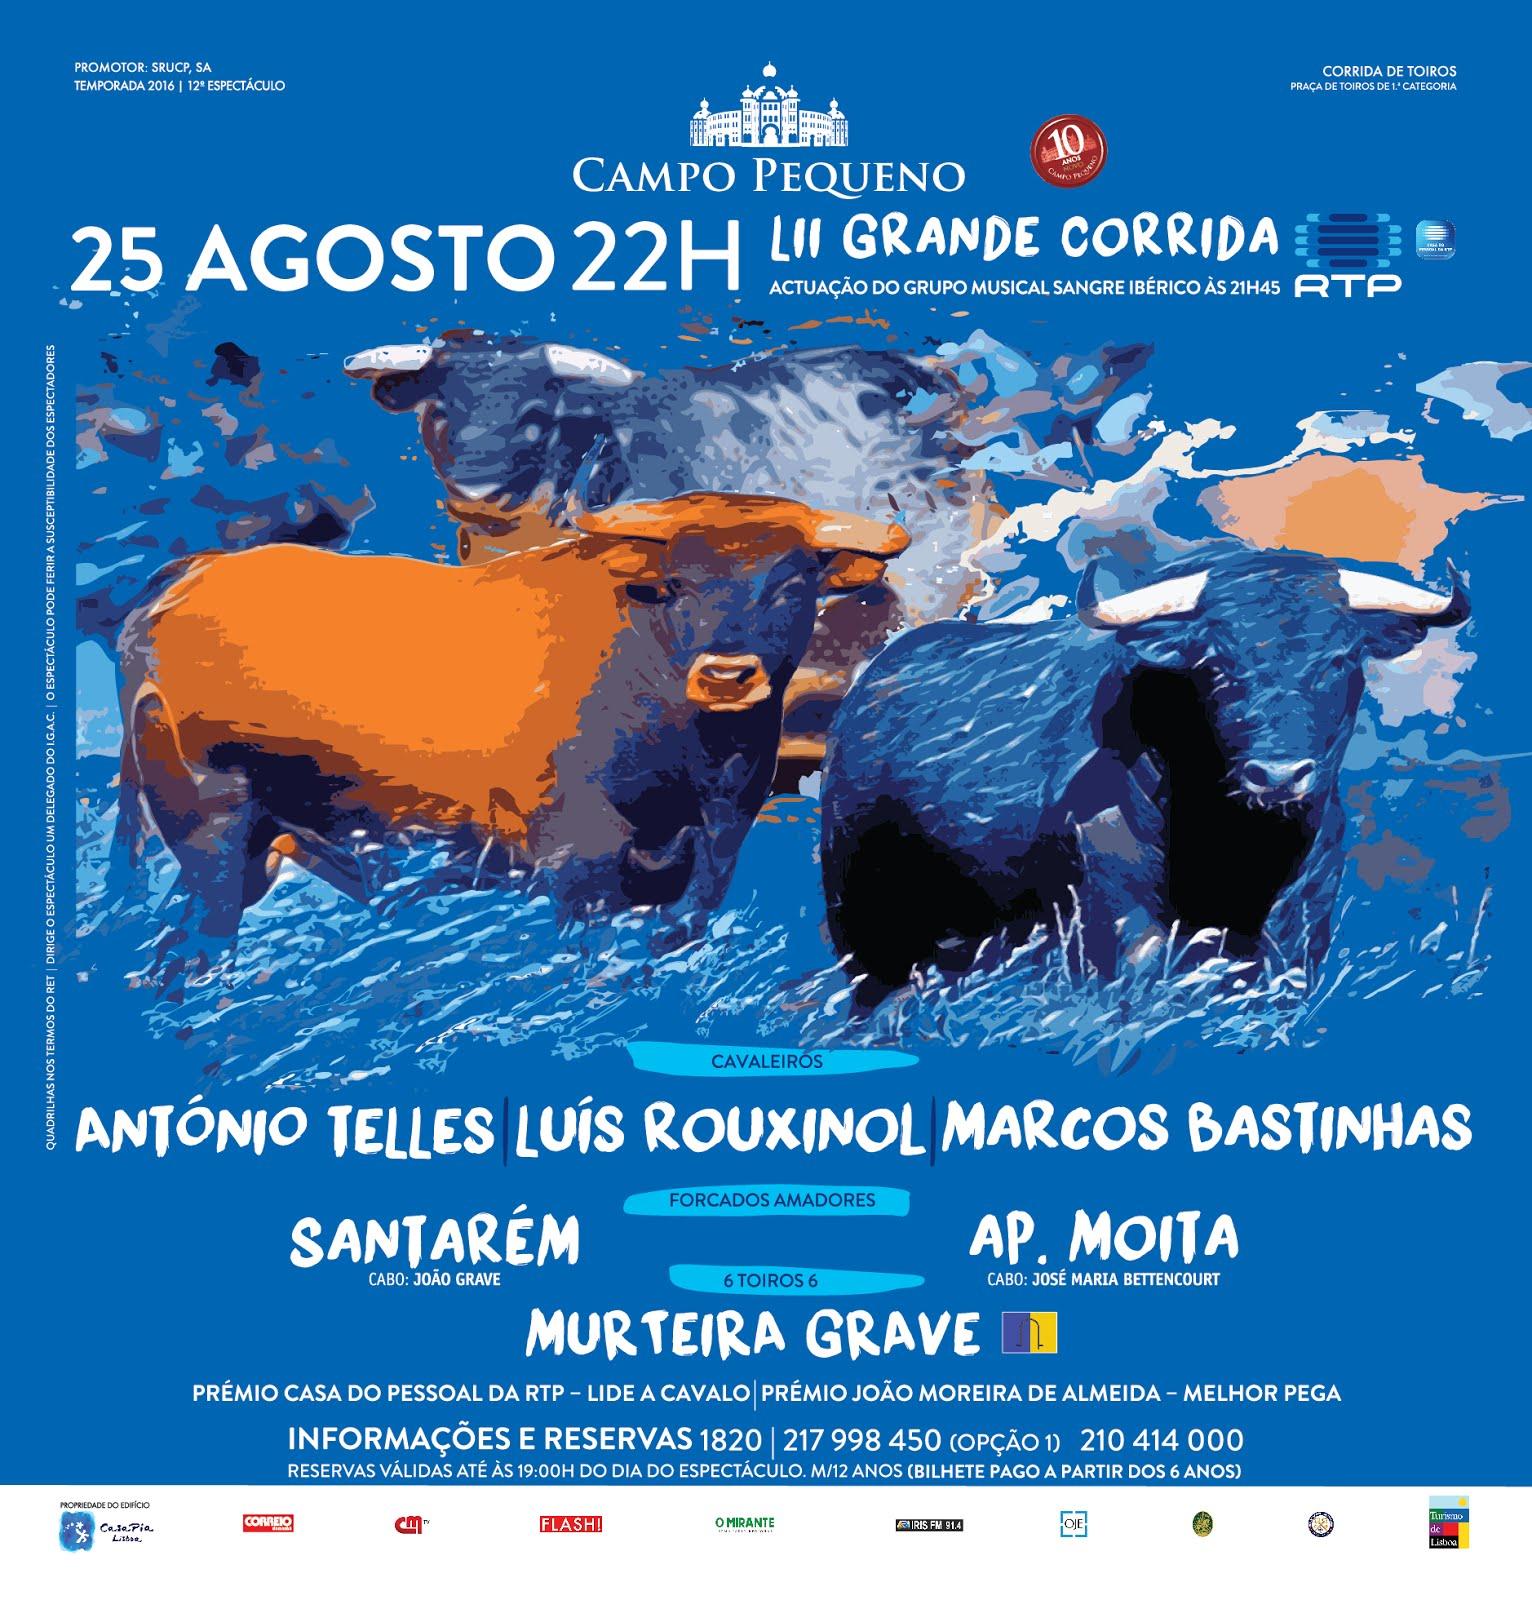 CAMPO PEQUENO - 25 DE AGOSTO